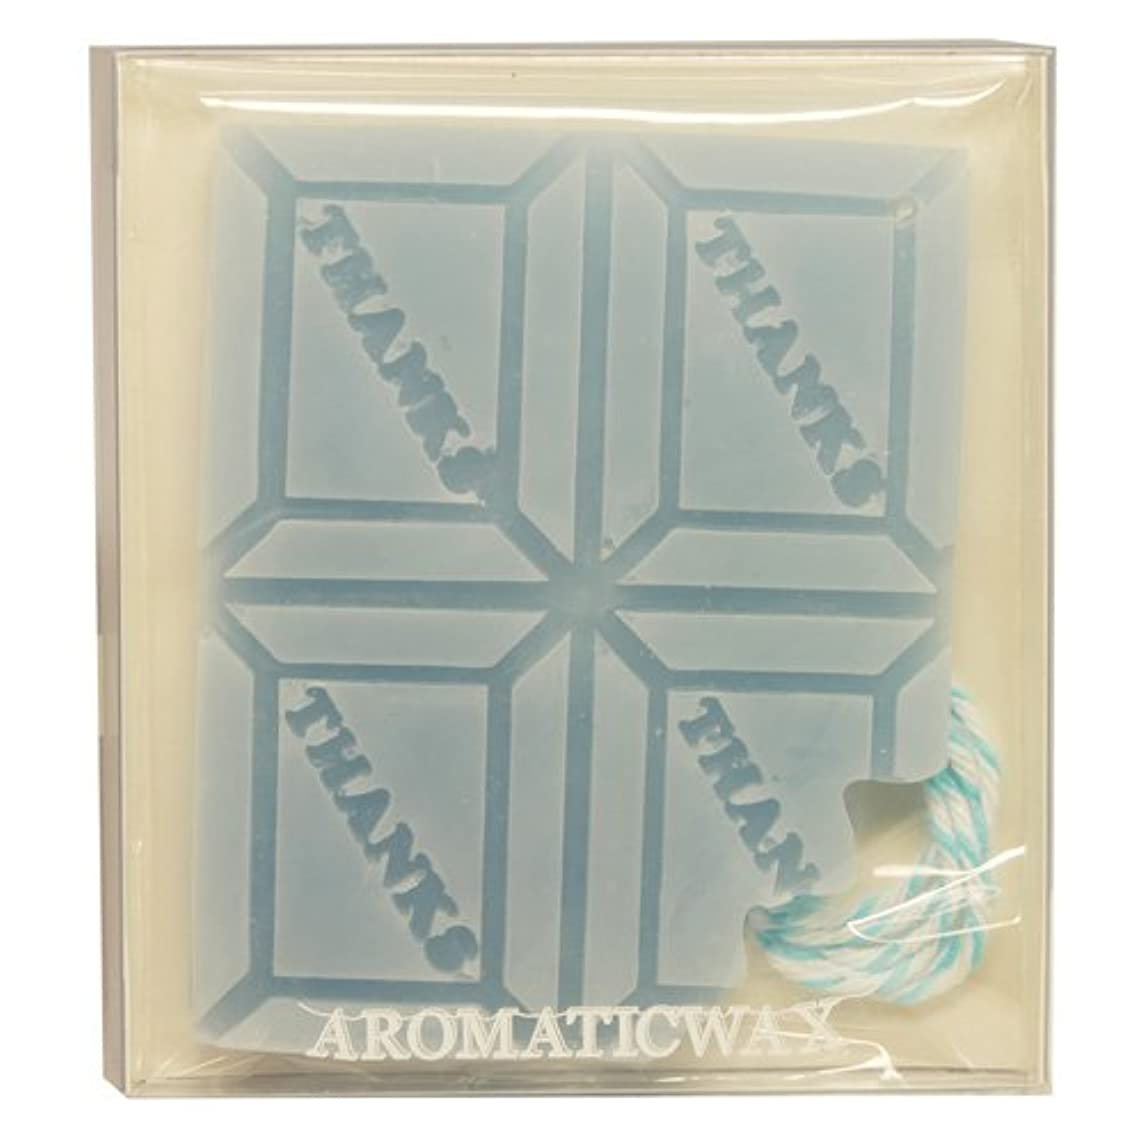 動詞現象バナナGRASSE TOKYO AROMATICWAXチャーム「板チョコ(THANKS)」(BL) ローズマリー アロマティックワックス グラーストウキョウ